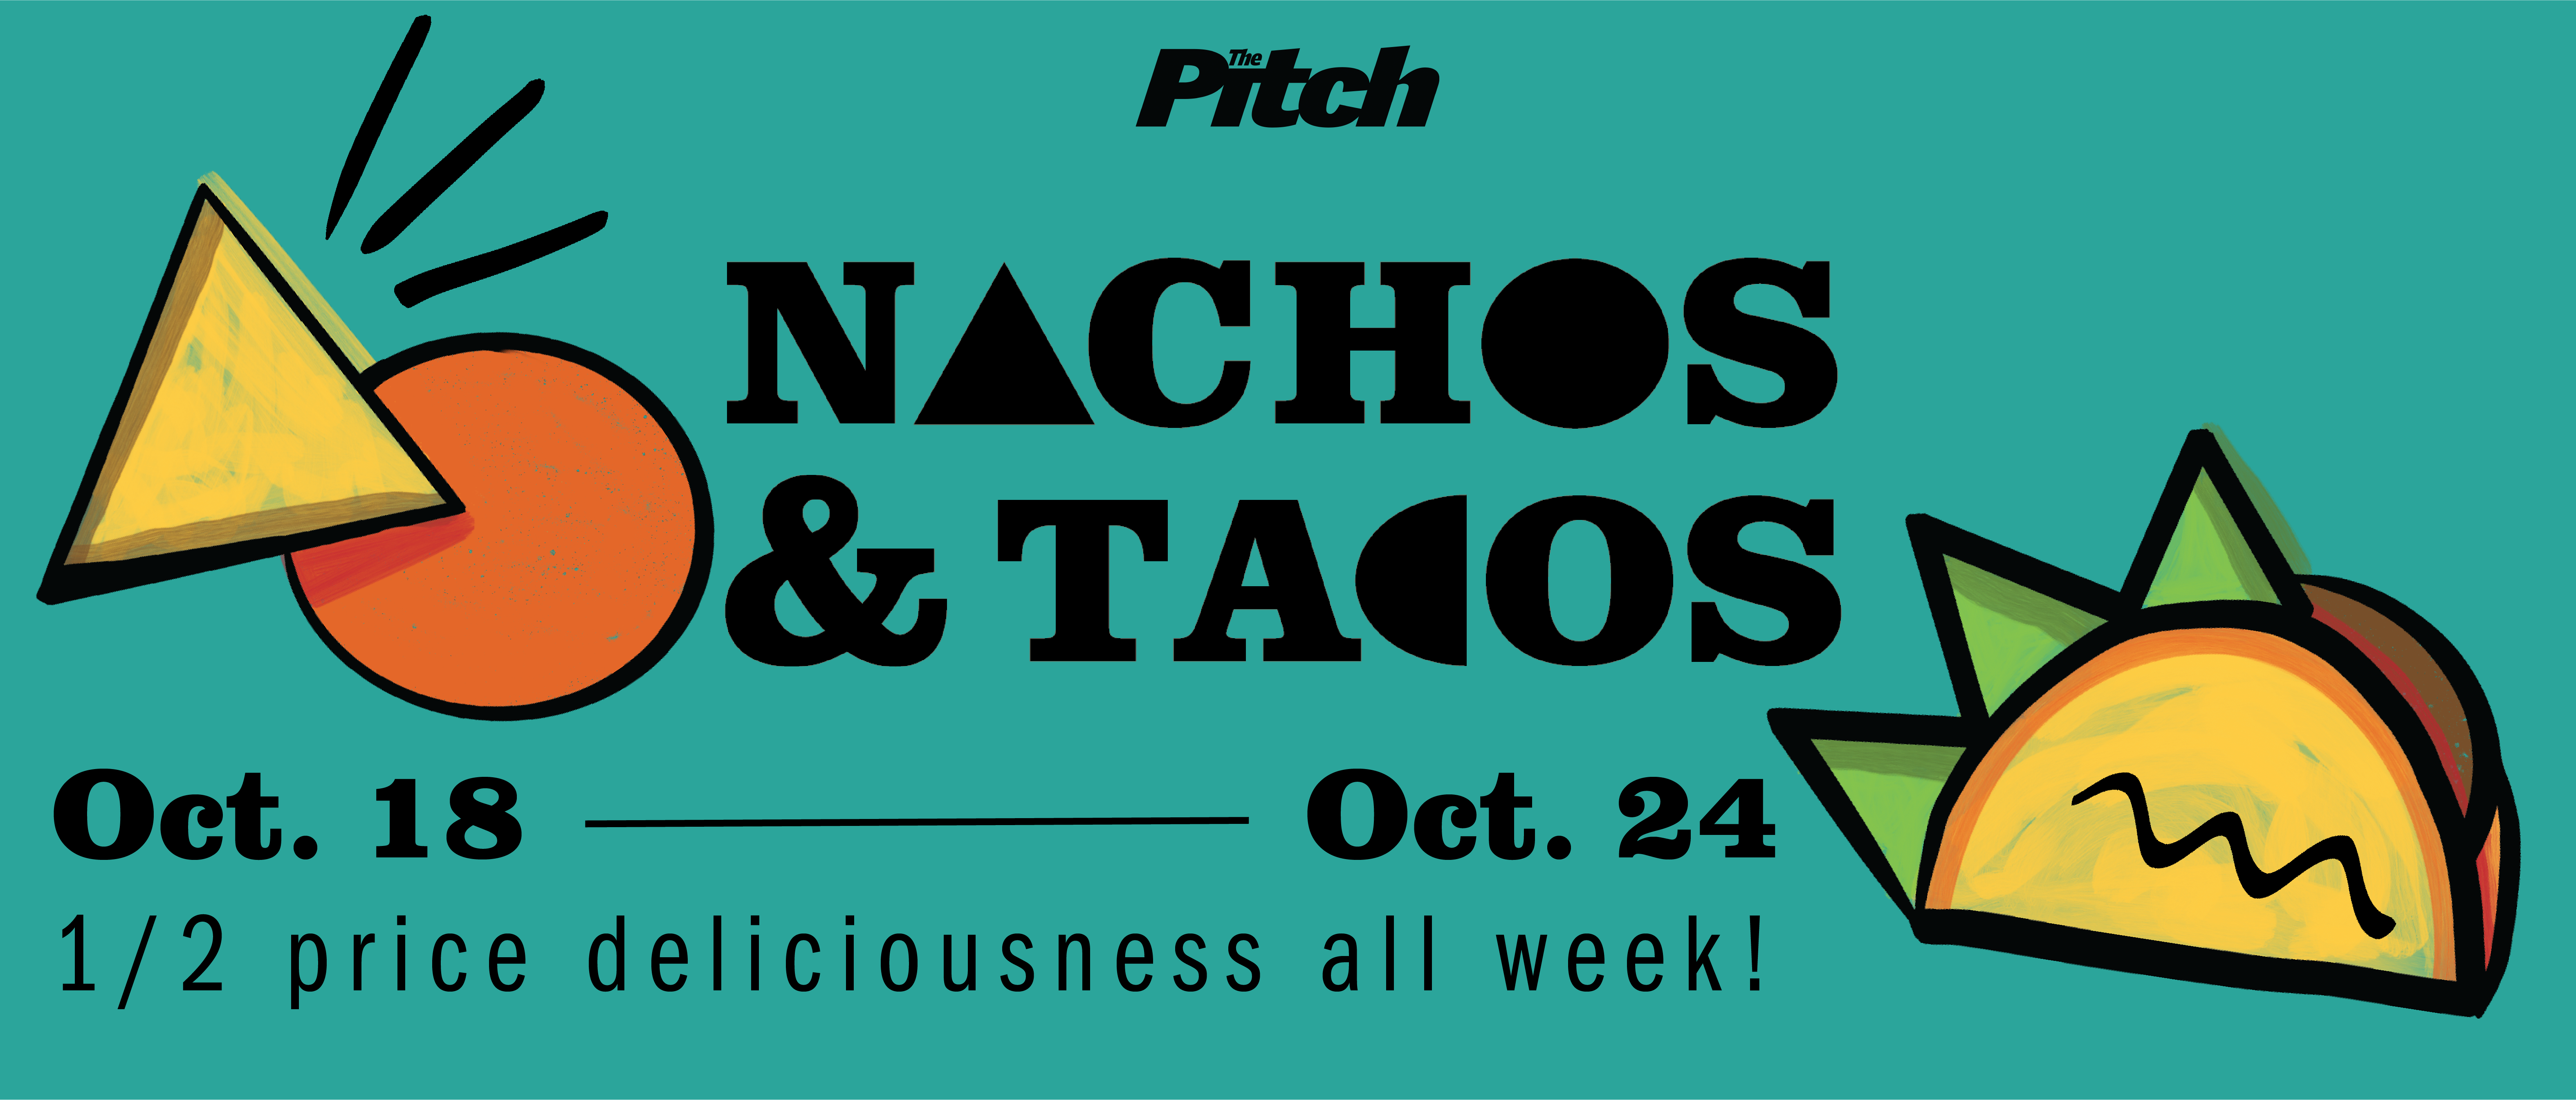 Nachos Tacos Header For Website Correct Branding Colors 08